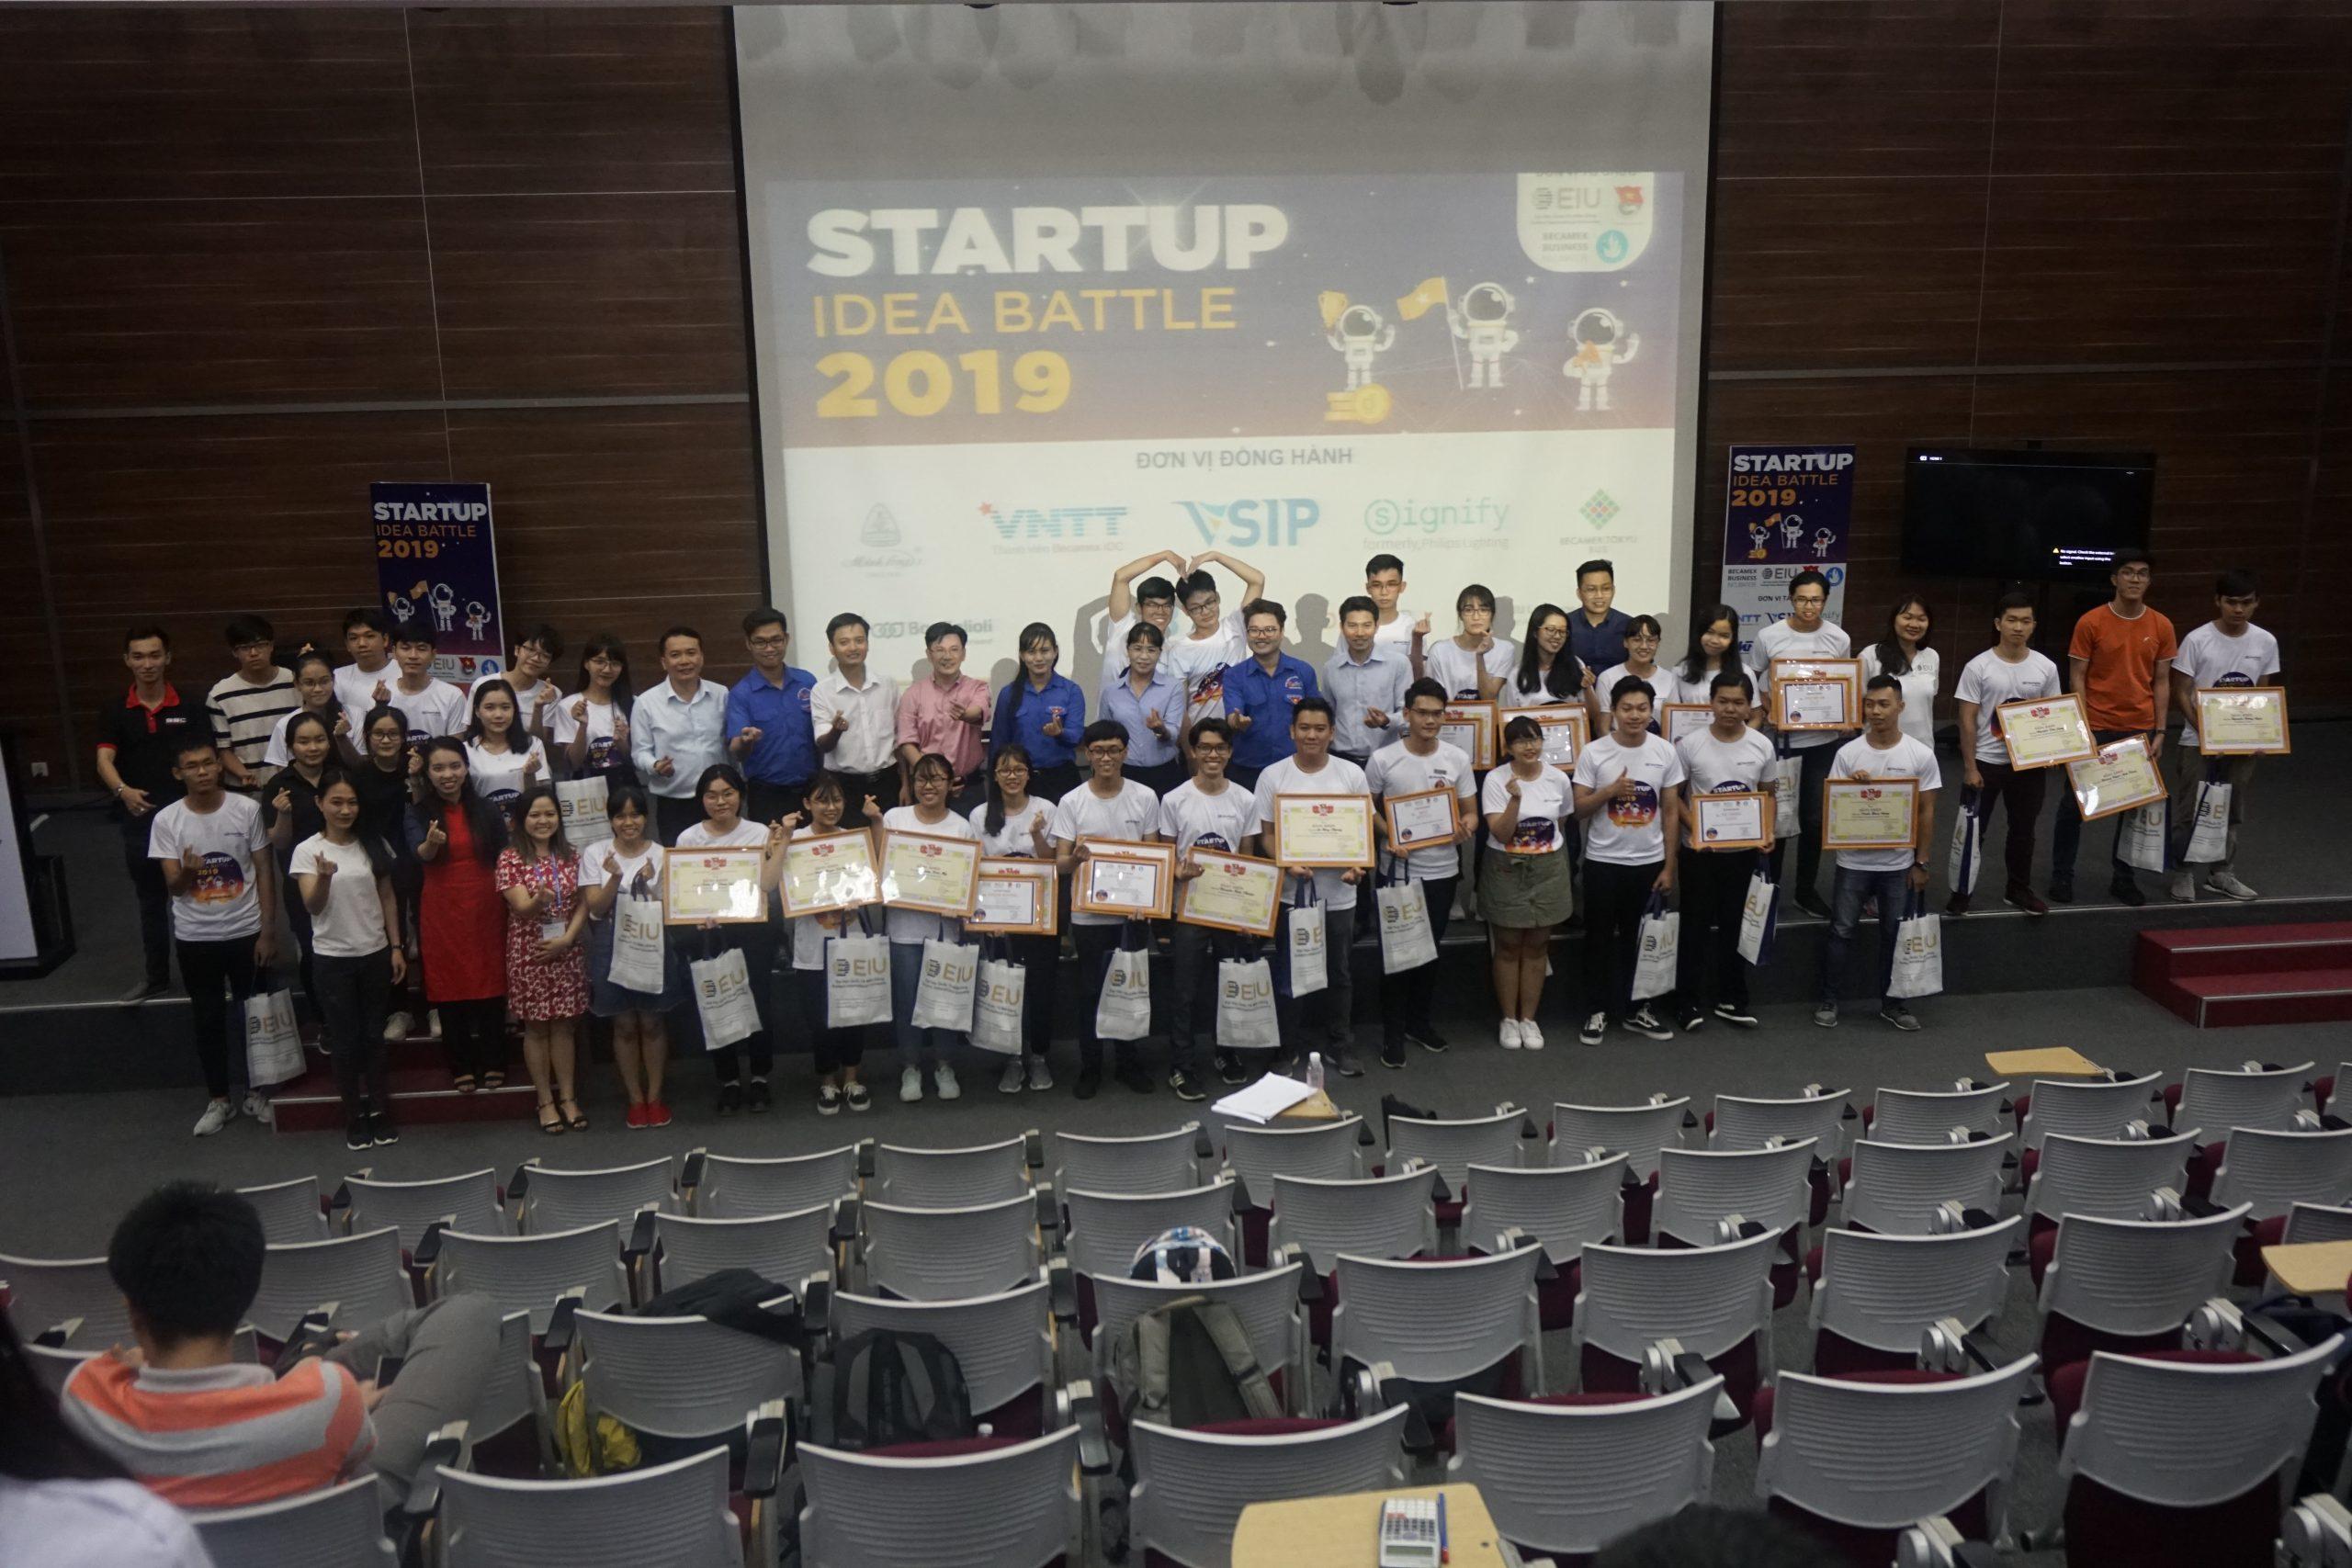 Startup Idea Battle 2019